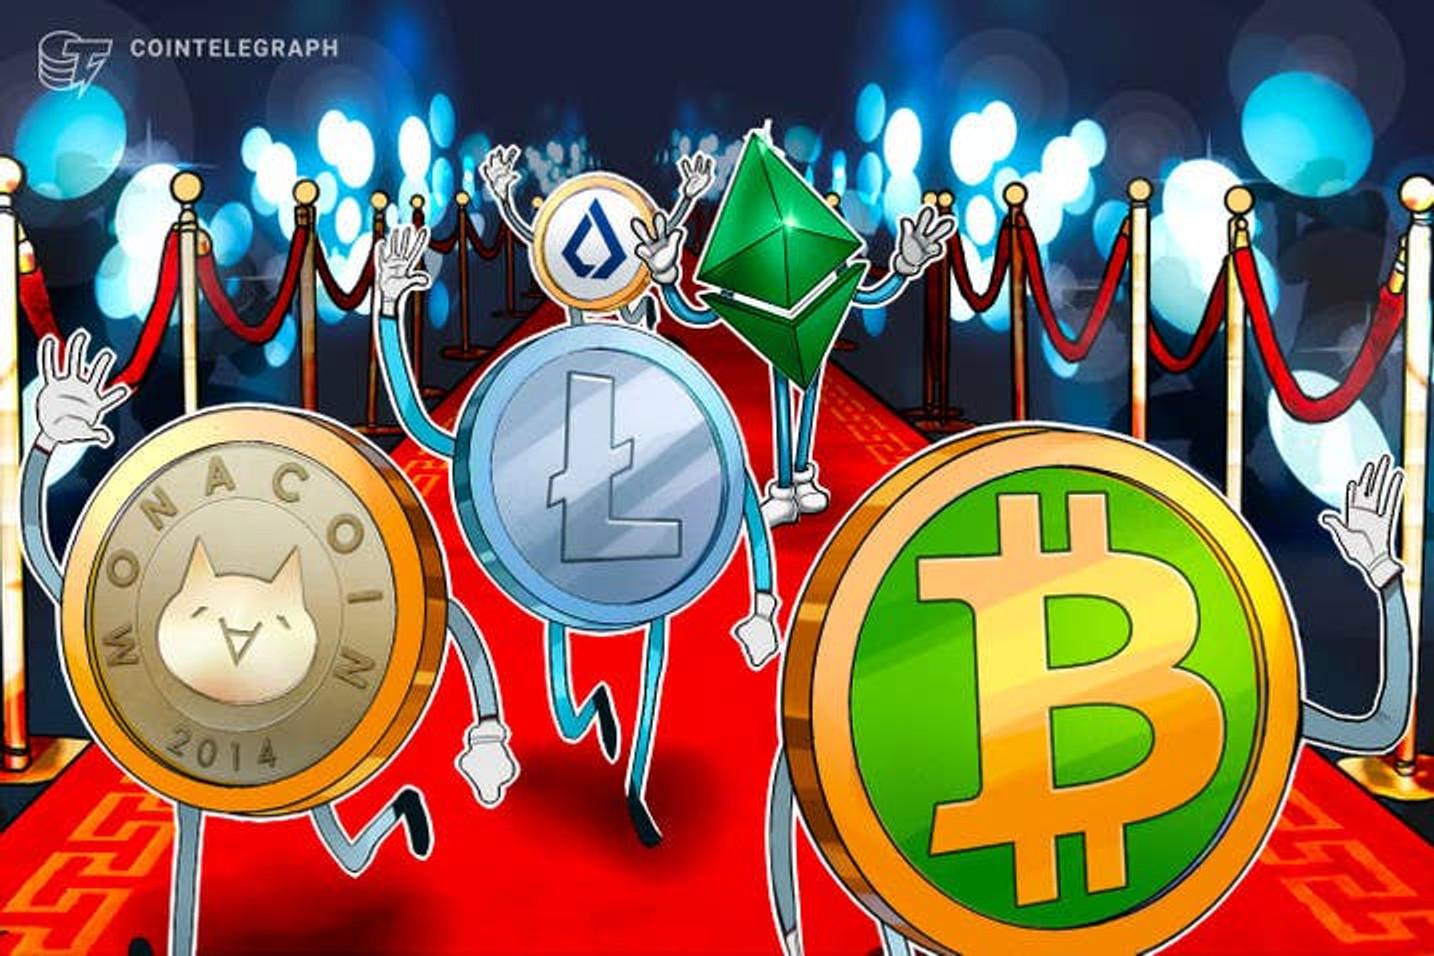 Interesse pelas oportunidades das altcoins cresce e roubam novamente a cena do Bitcoin